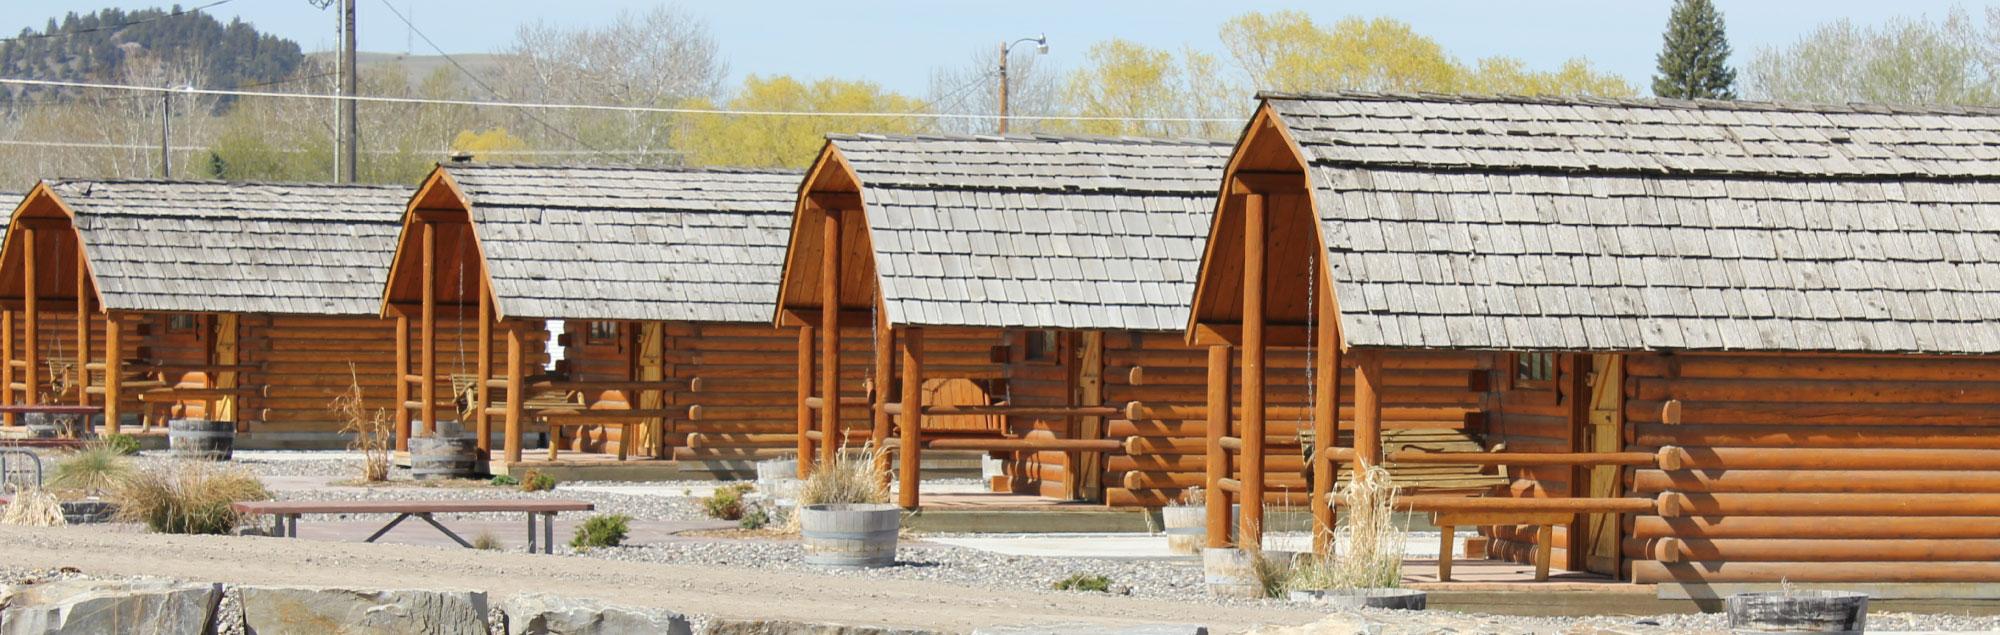 banner-cabins